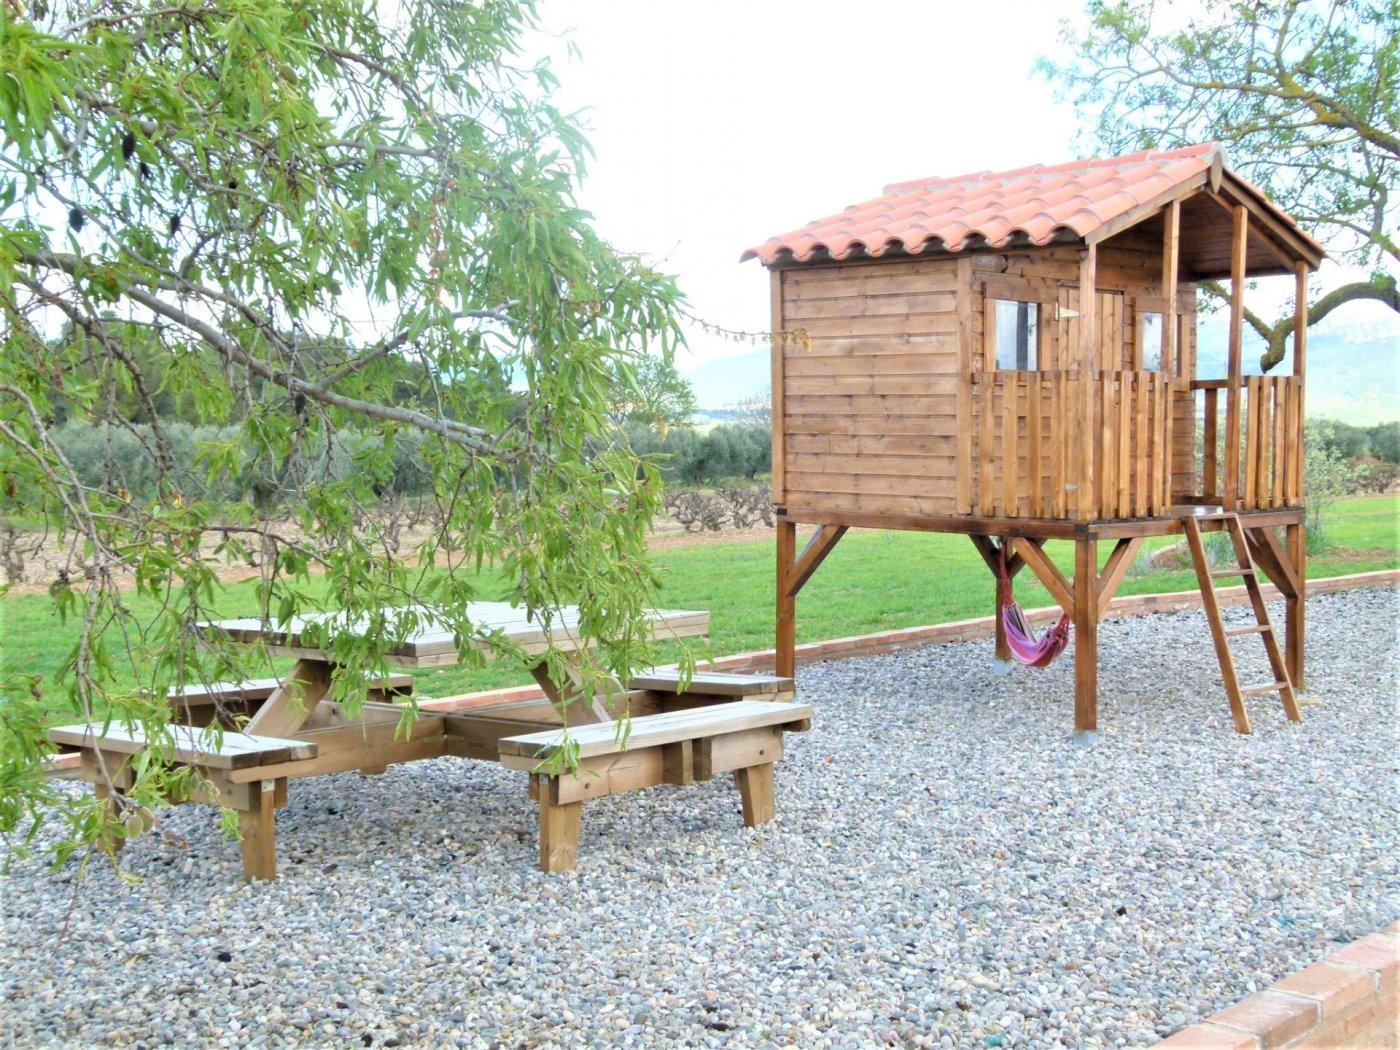 Casa en venta en montblanc - imagenInmueble13